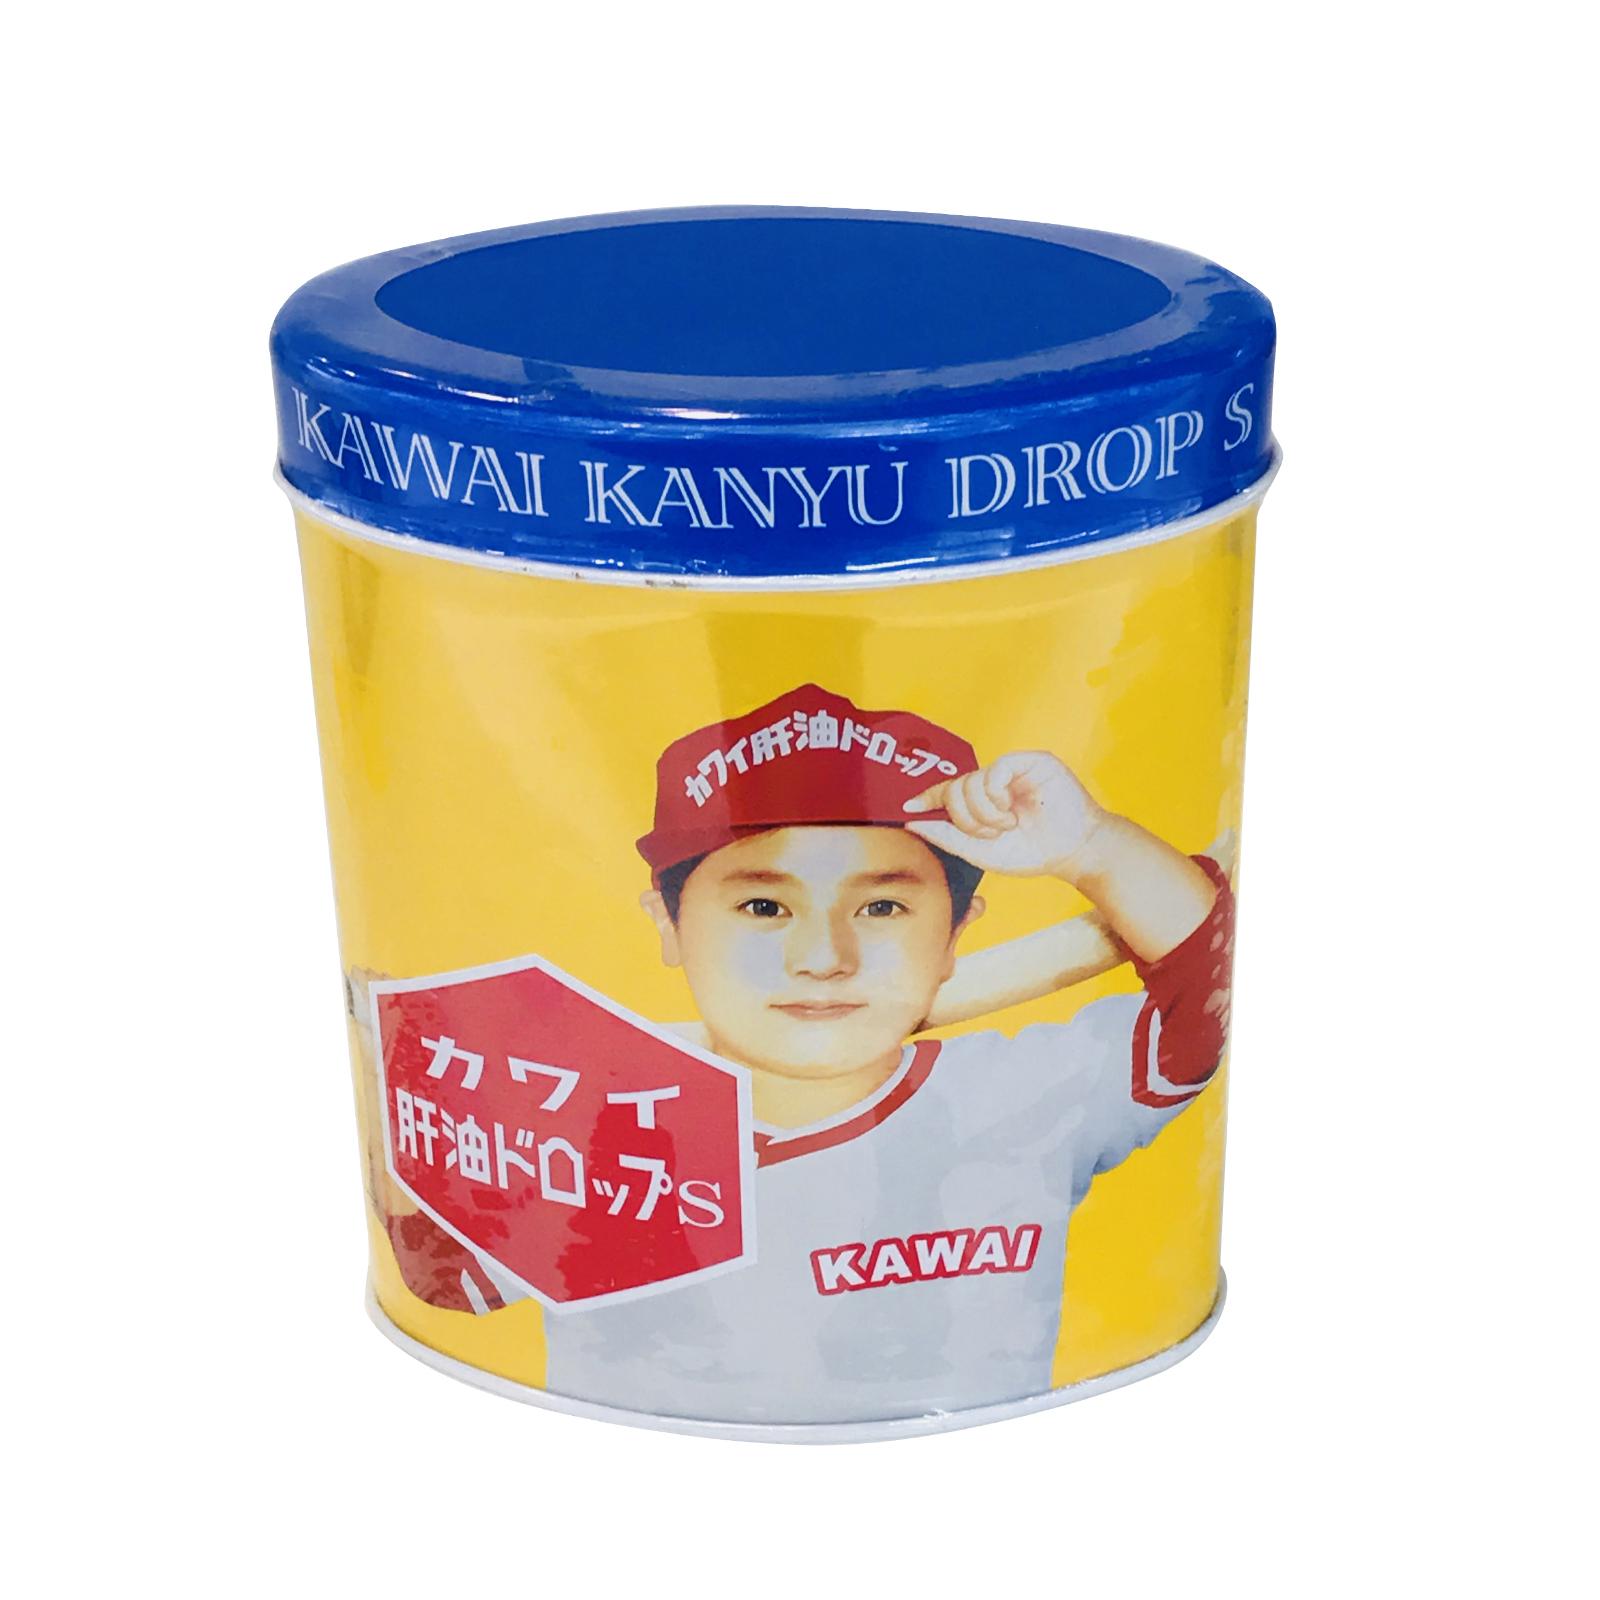 Kawai 日本肝油丸S 300粒